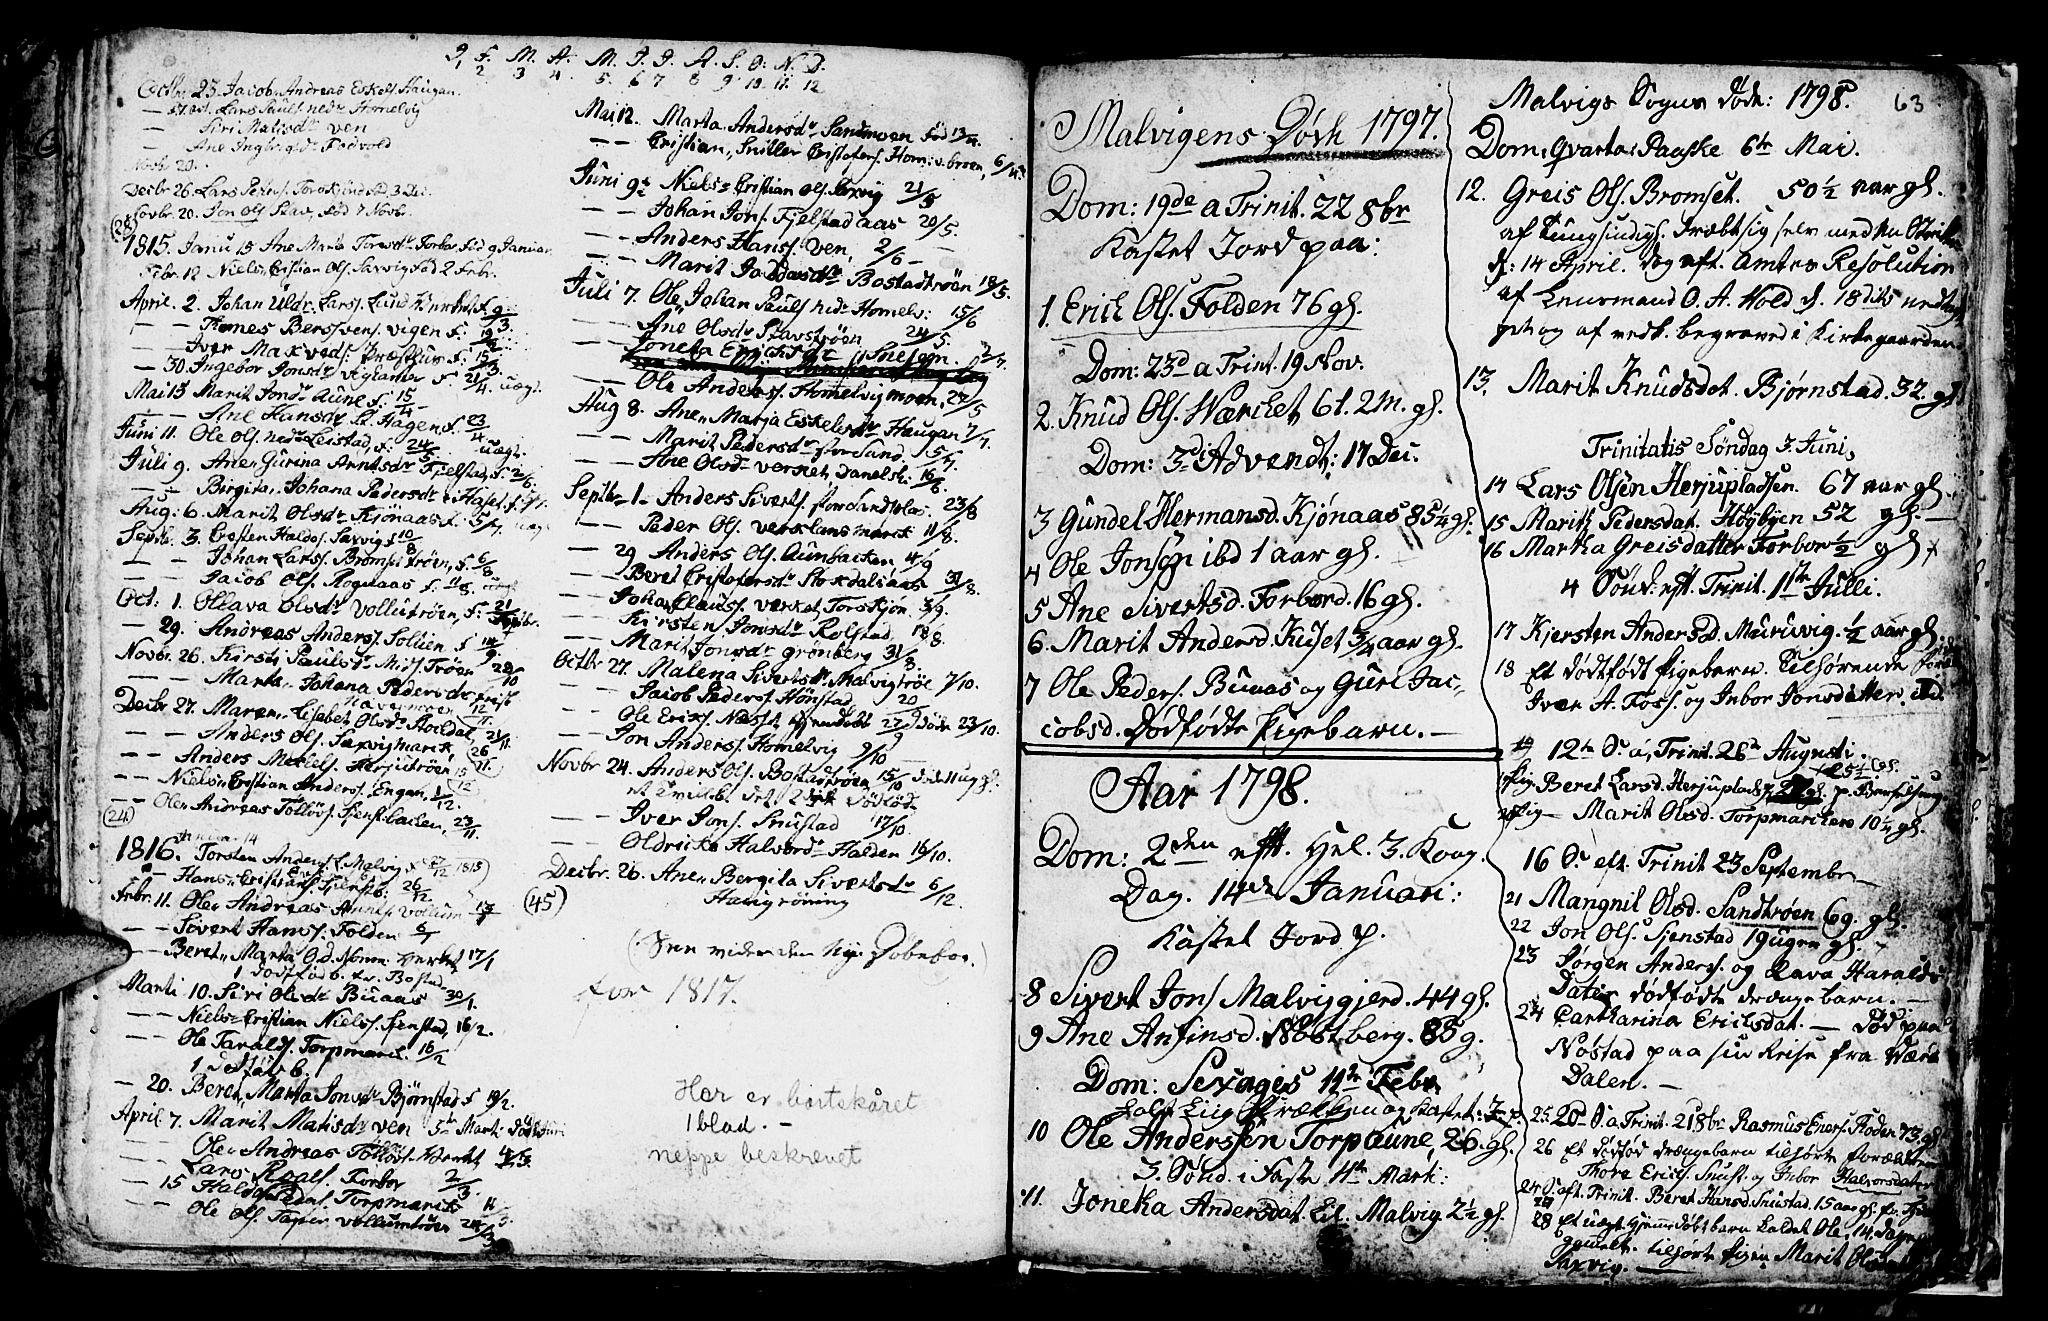 SAT, Ministerialprotokoller, klokkerbøker og fødselsregistre - Sør-Trøndelag, 616/L0419: Klokkerbok nr. 616C02, 1797-1816, s. 63